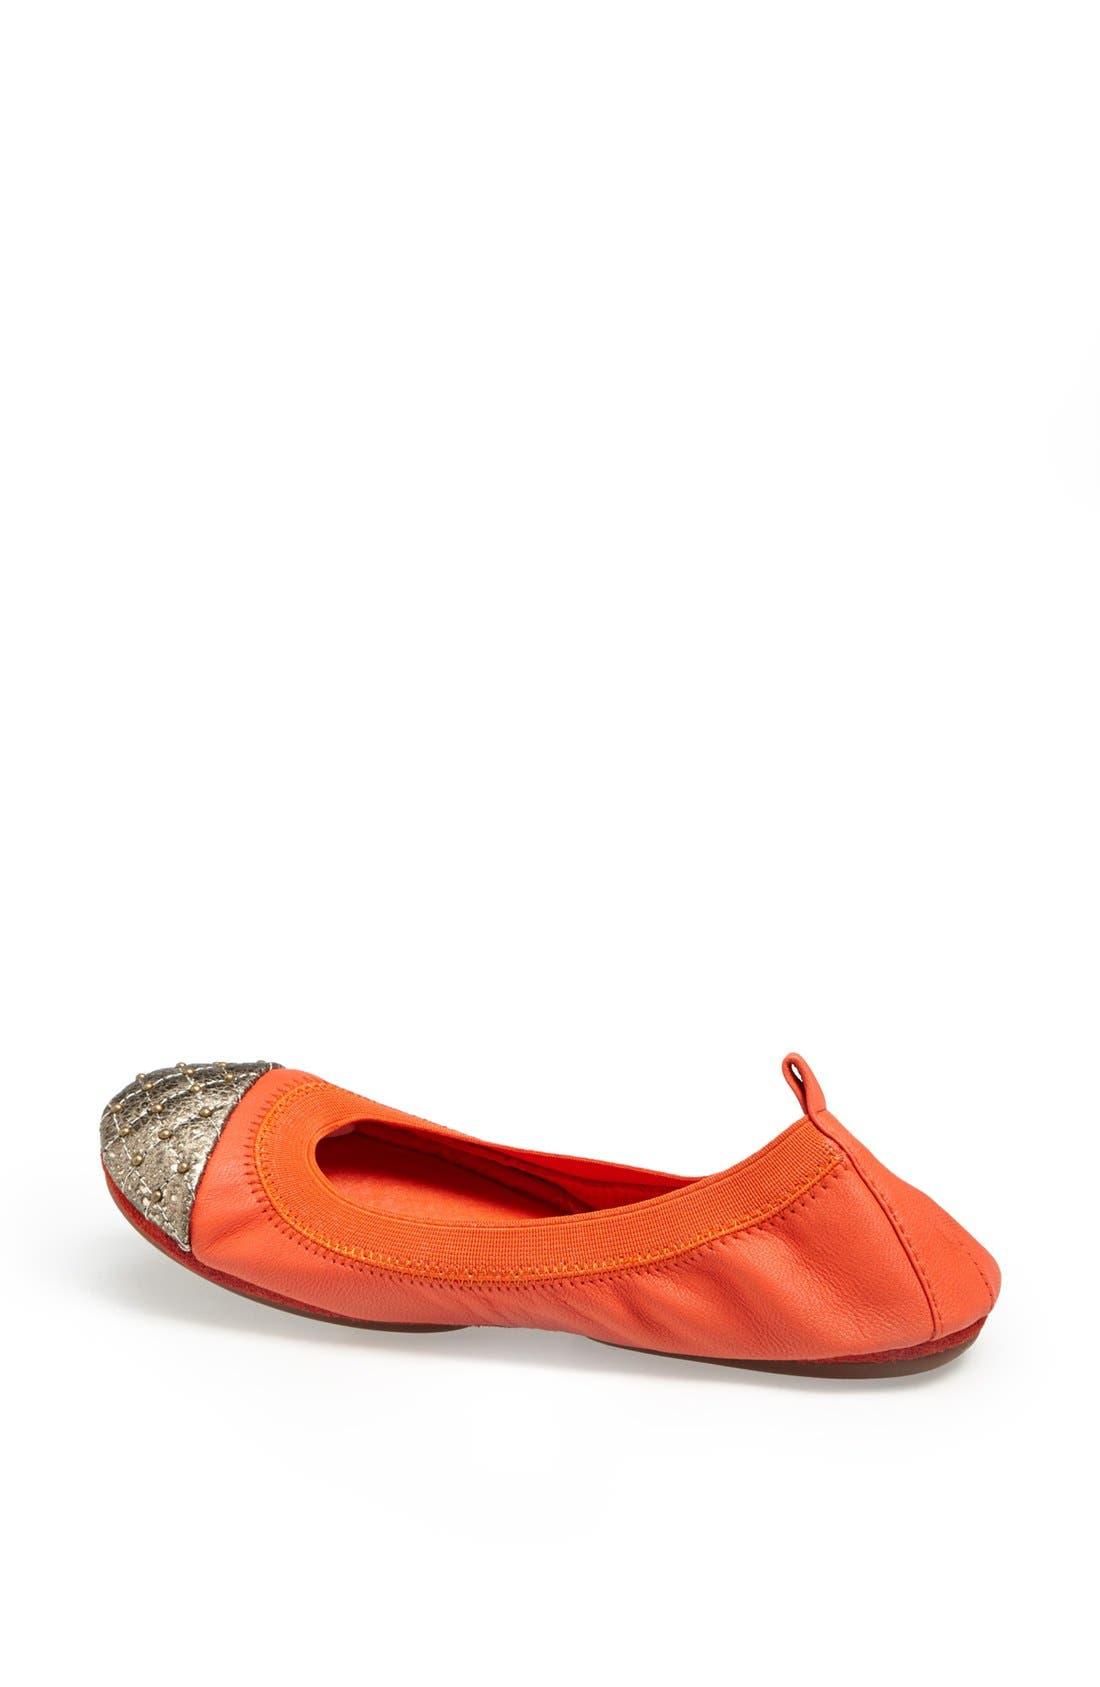 Alternate Image 2  - Yosi Samra Studded Cap Toe Foldable Ballet Flat